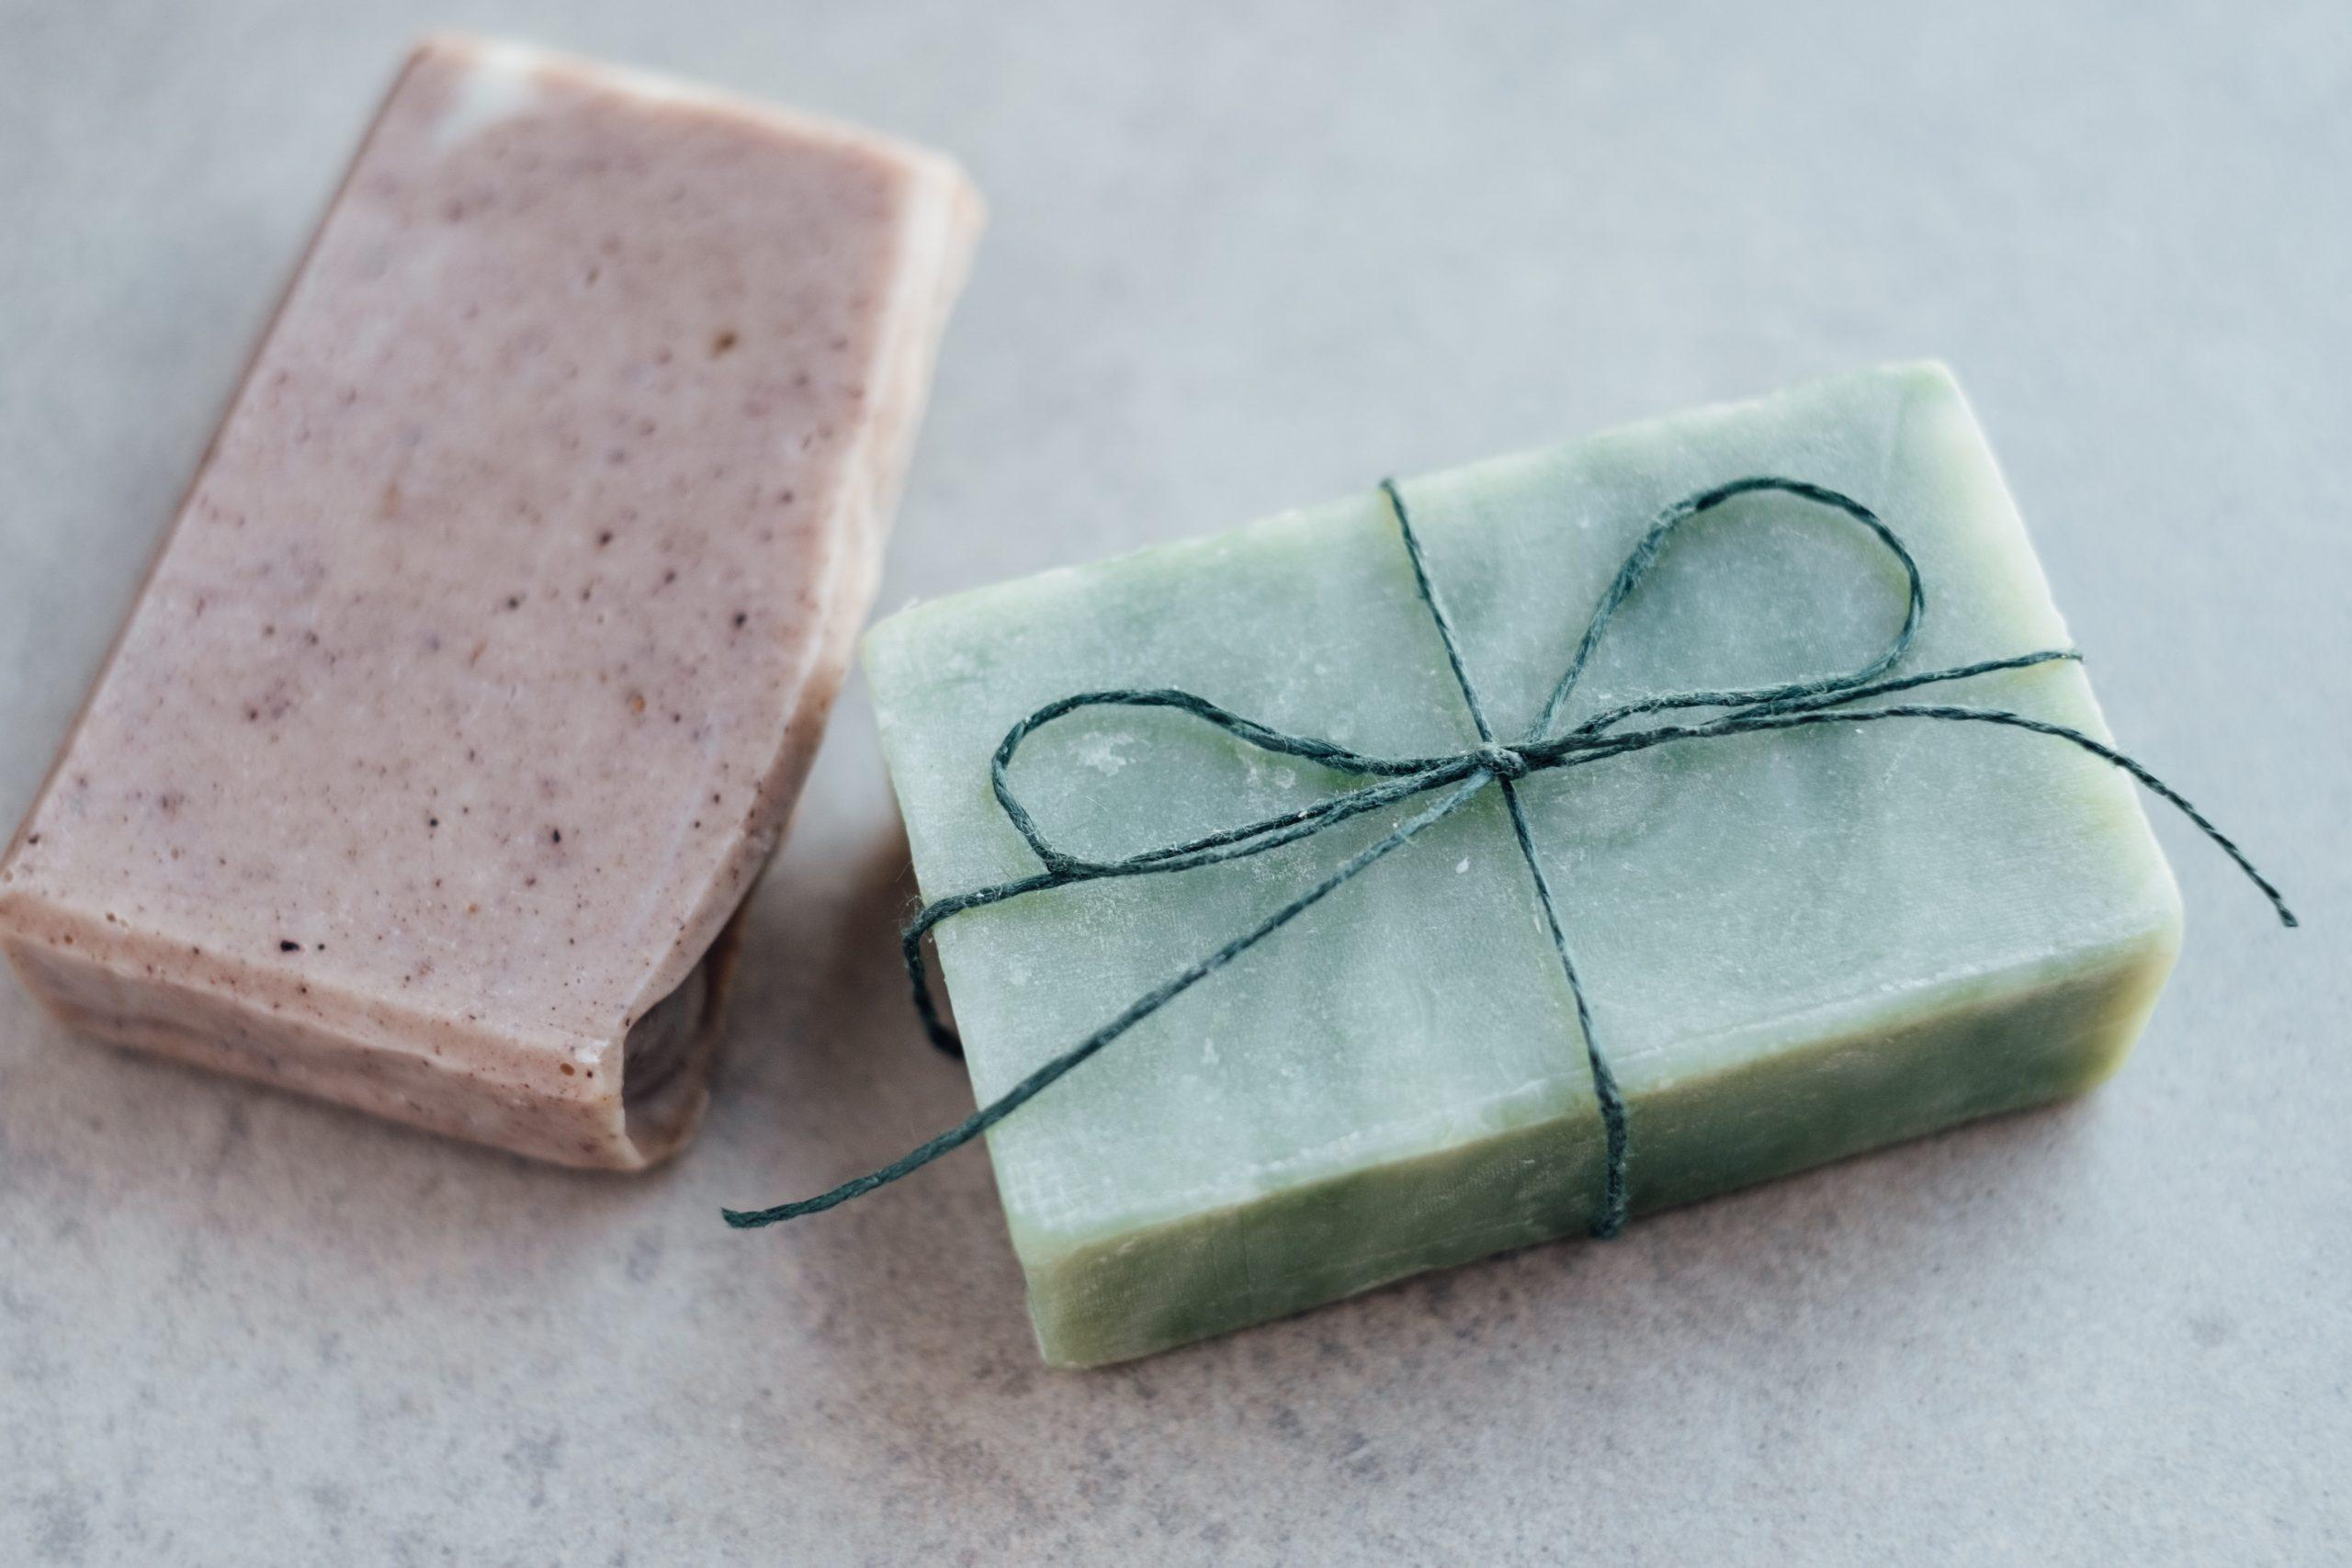 Comment savoir si un savon est saponifié à froid ?